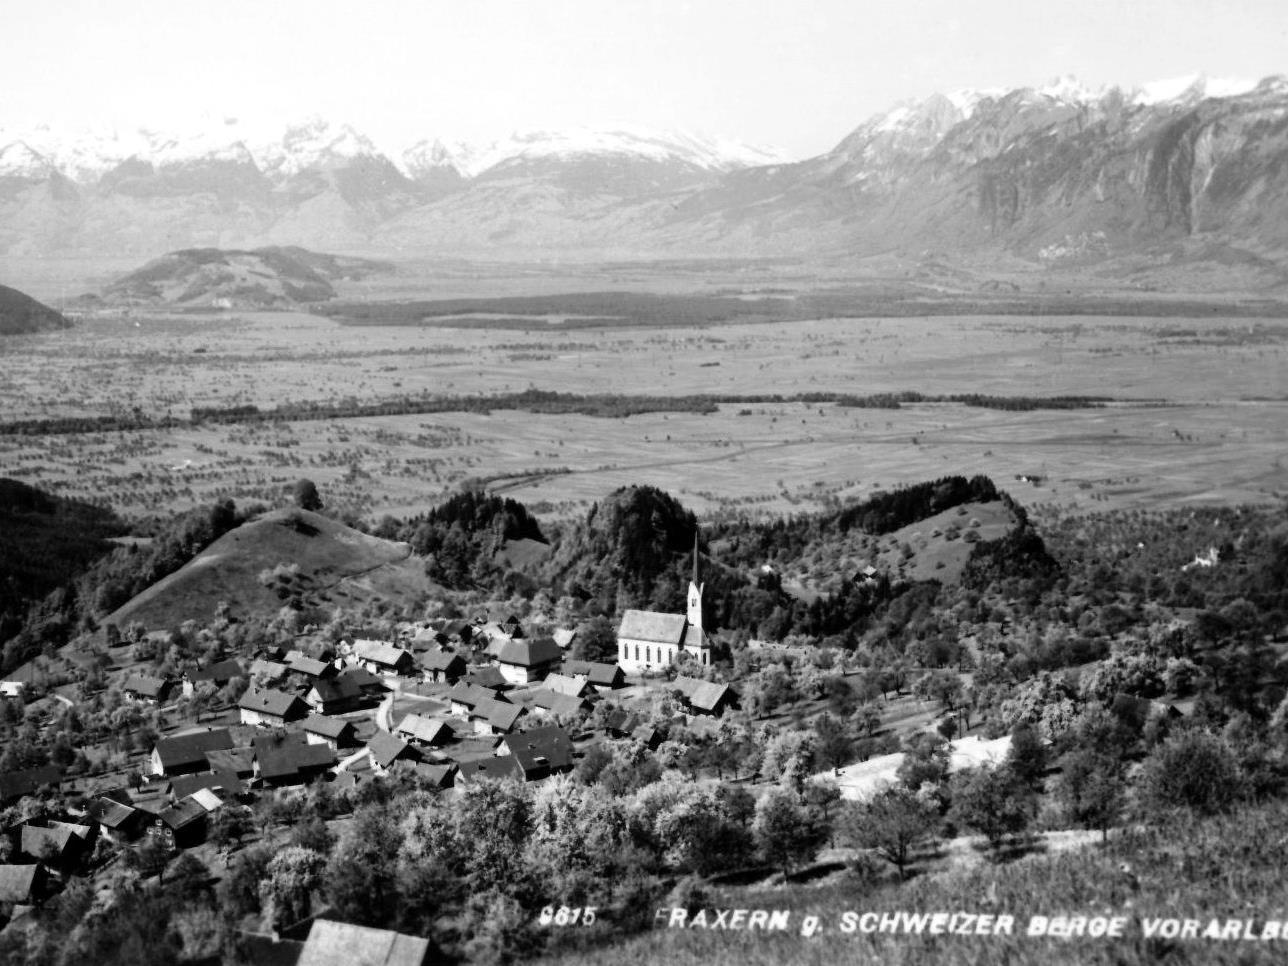 Fraxern gegen die Schweizer Berge in den 1960er Jahren